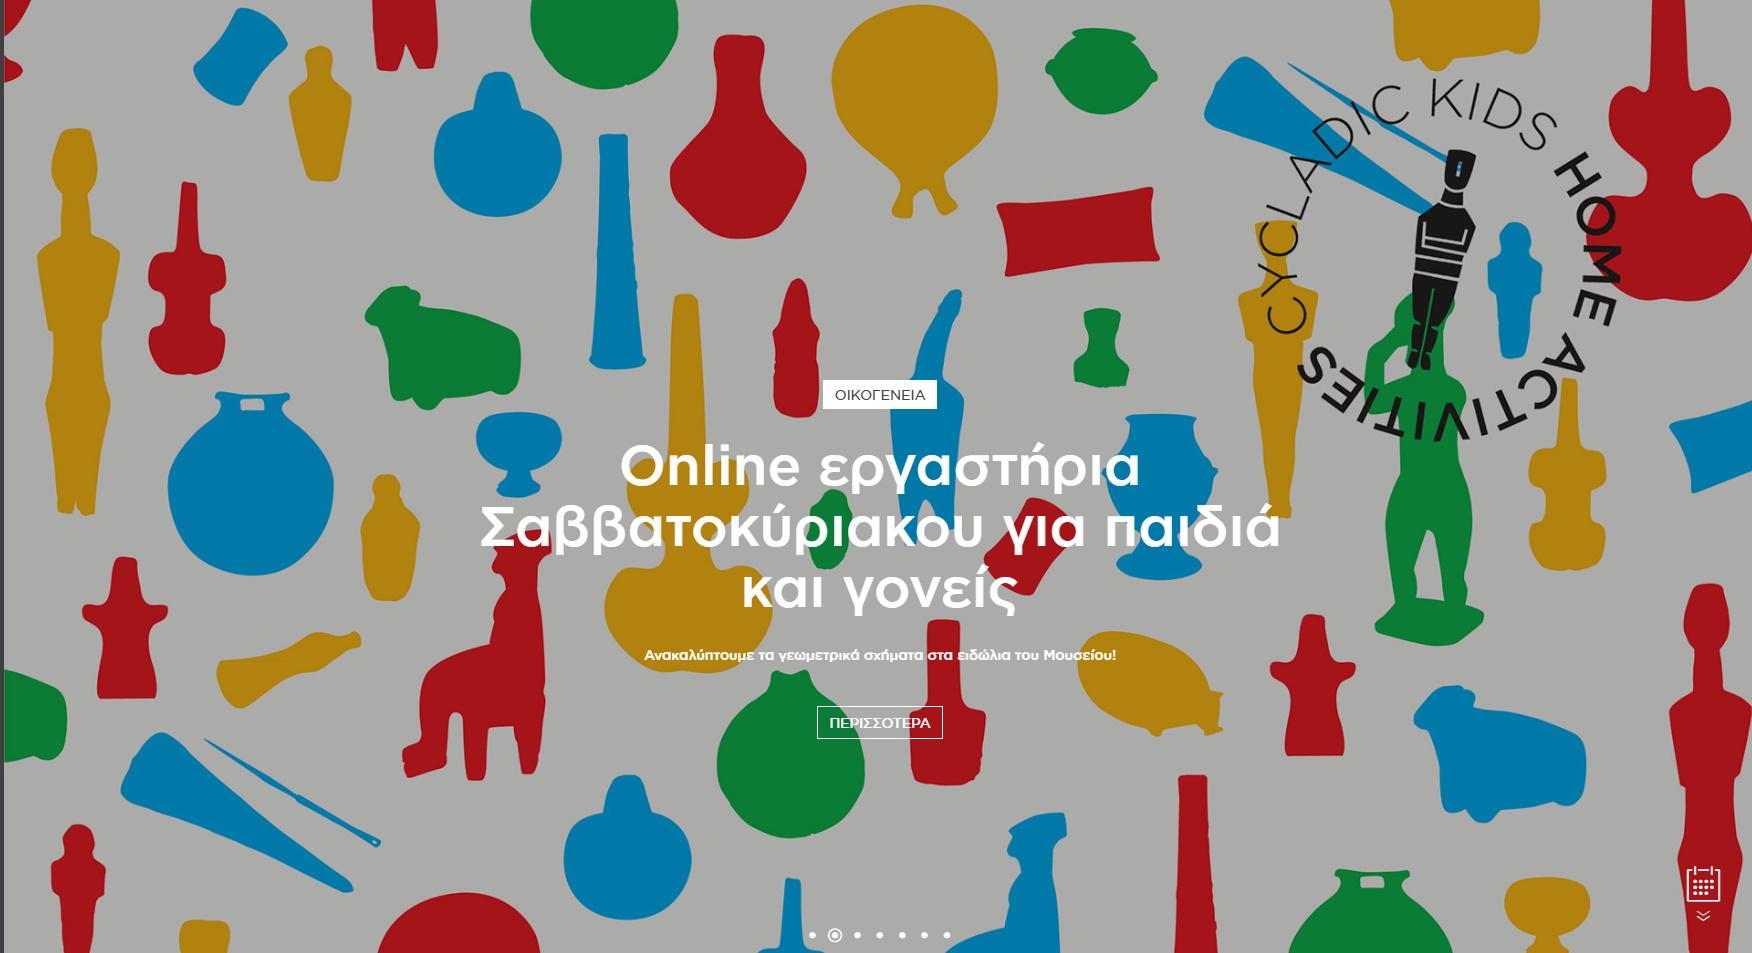 Μουσείο Κυκλαδικής Τέχνης: Οn line εργαστήρια Σαββατοκύριακου για παιδιά και γονείς